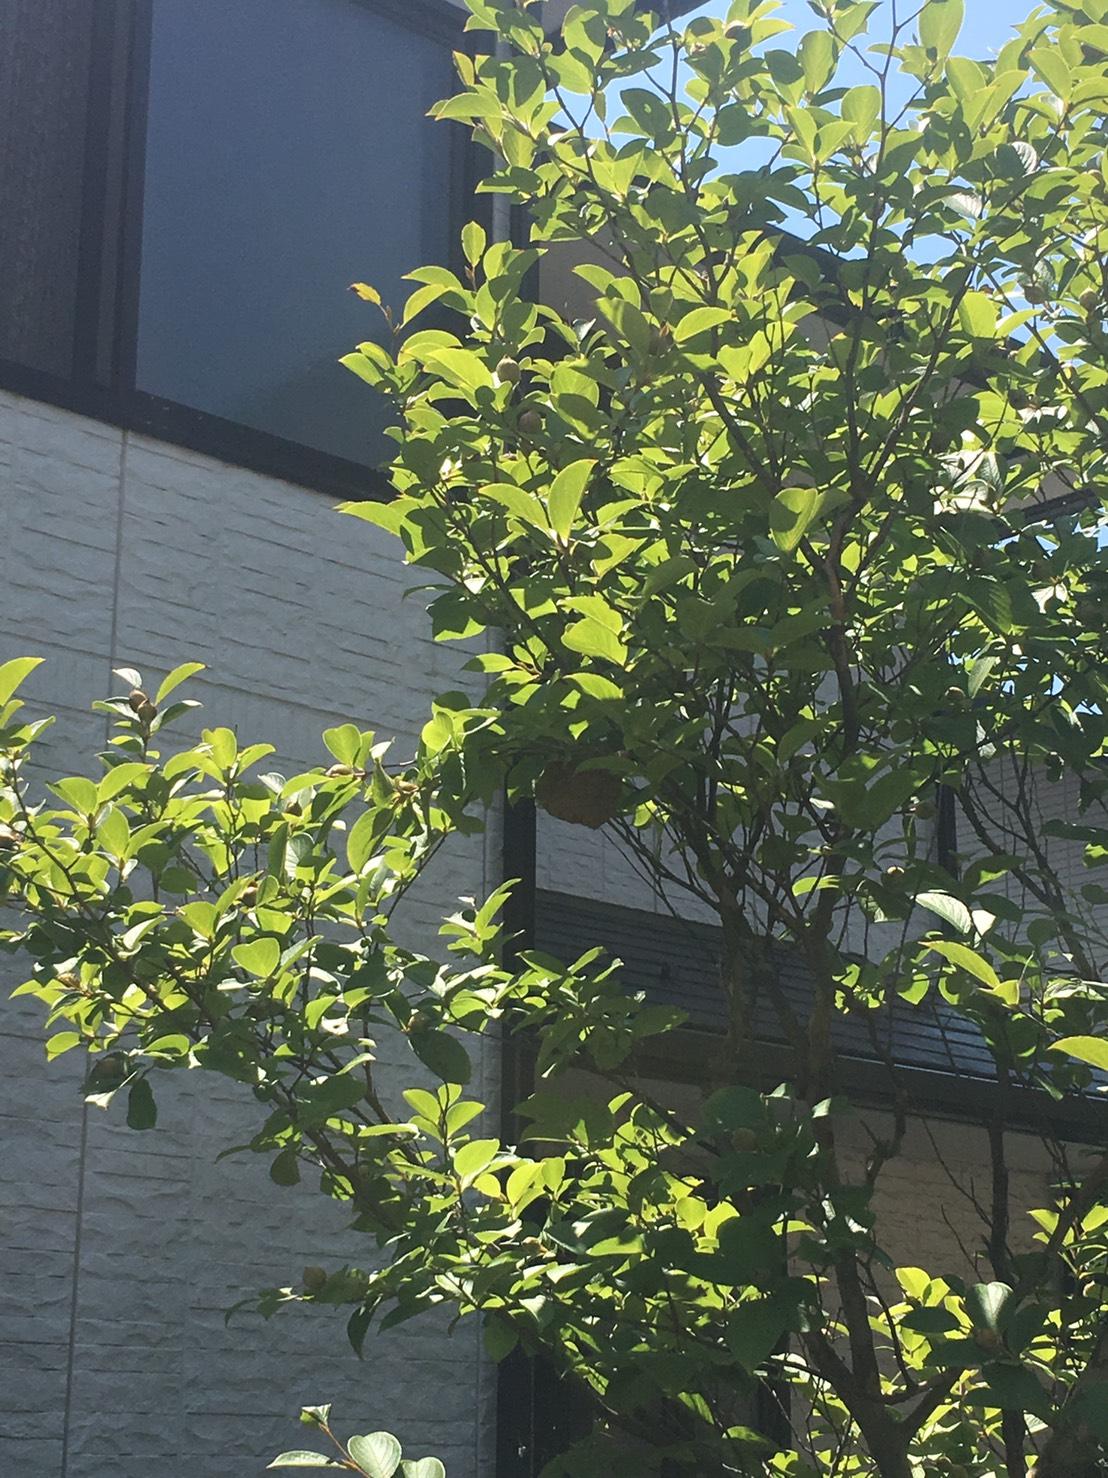 千葉県柏市しいの木台の蜂の巣駆除現場